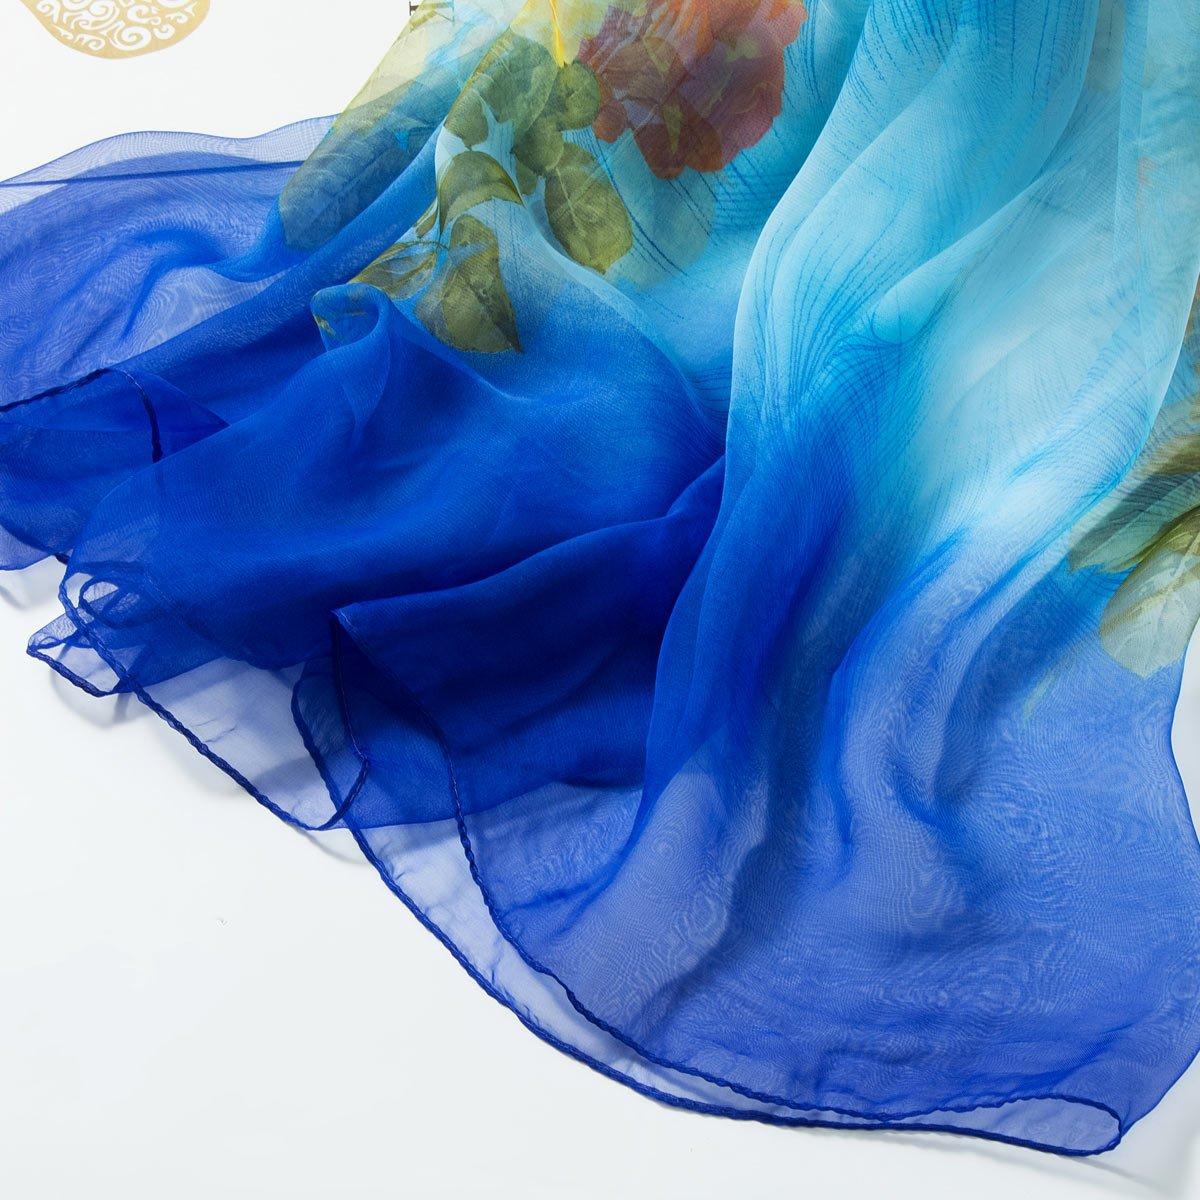 b88fca31ec47 Aivtalk - Écharpe Satin Mode Léger Classique Longue Spécial Lavis - Foulard  Femme Soie Transparent Imprimé Fleurs Chic Souple - Bleu  Amazon.fr   Vêtements ...